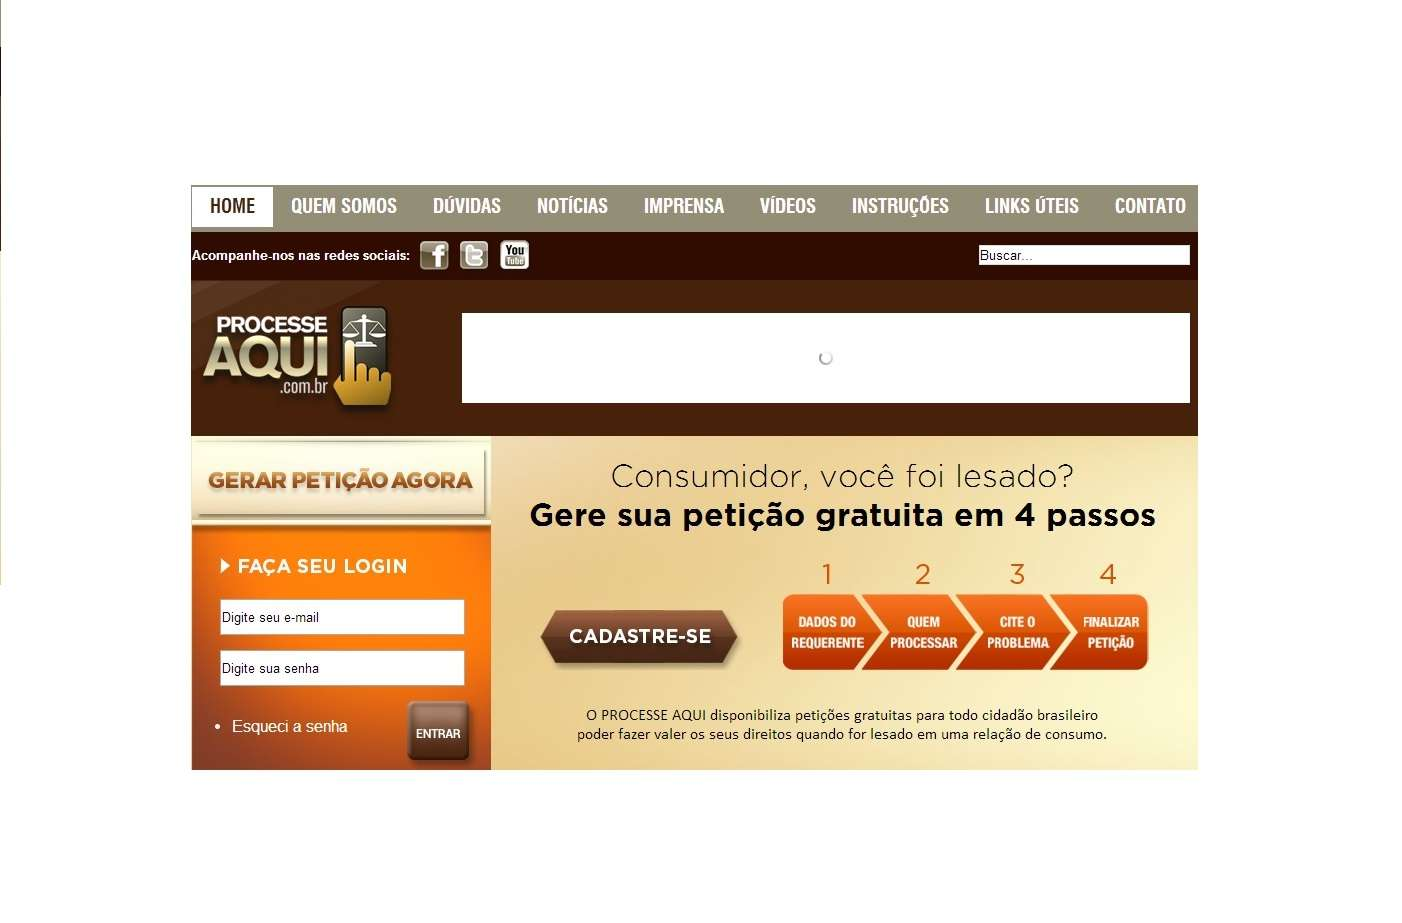 Site orienta consumidor a processar empresas sem advogado